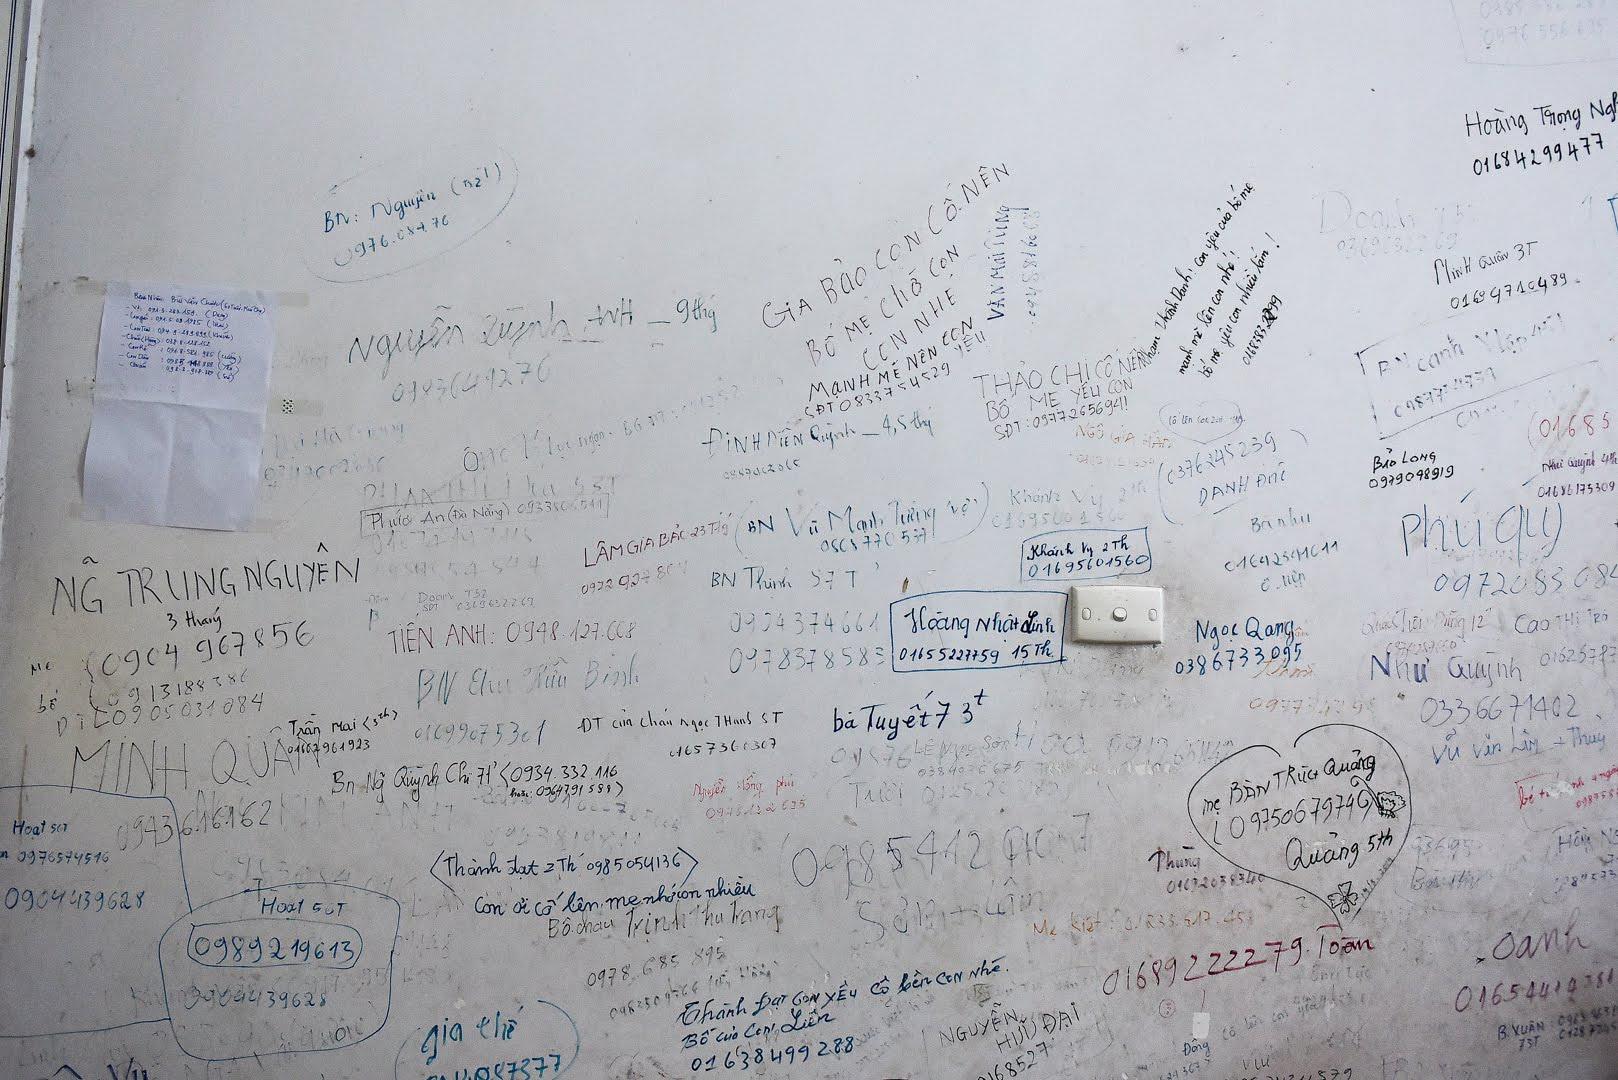 Sự thật khiến nhiều người cay mắt phía sau bức tường loang lổ, chi chít chữ ở viện E - 4